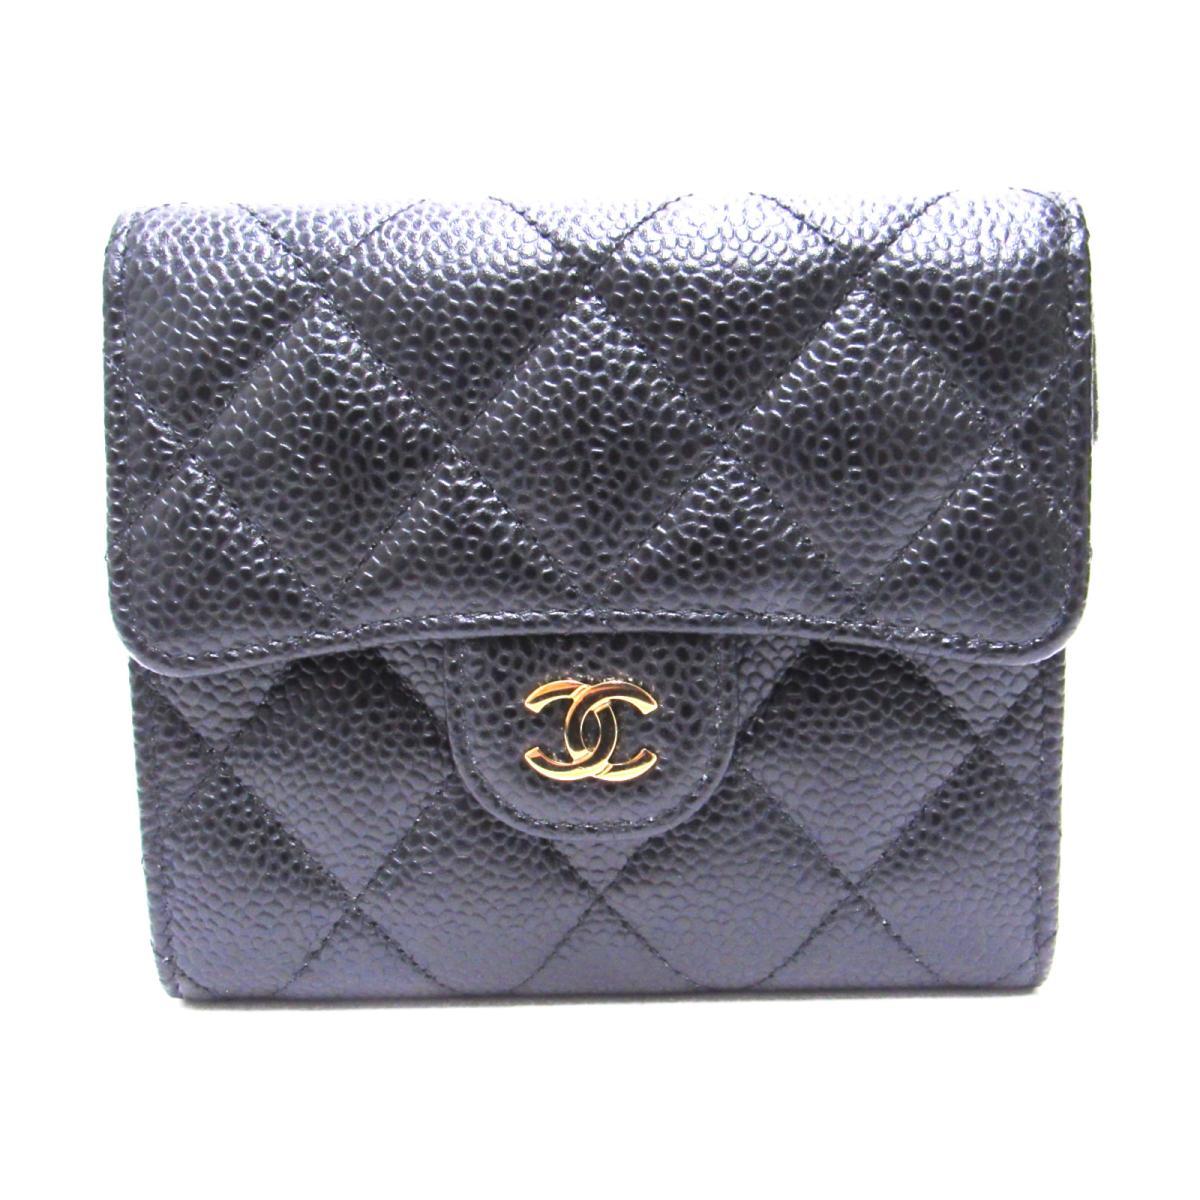 マトラッセ クラシック スモールフラップウォレット 3つ折財布 財布